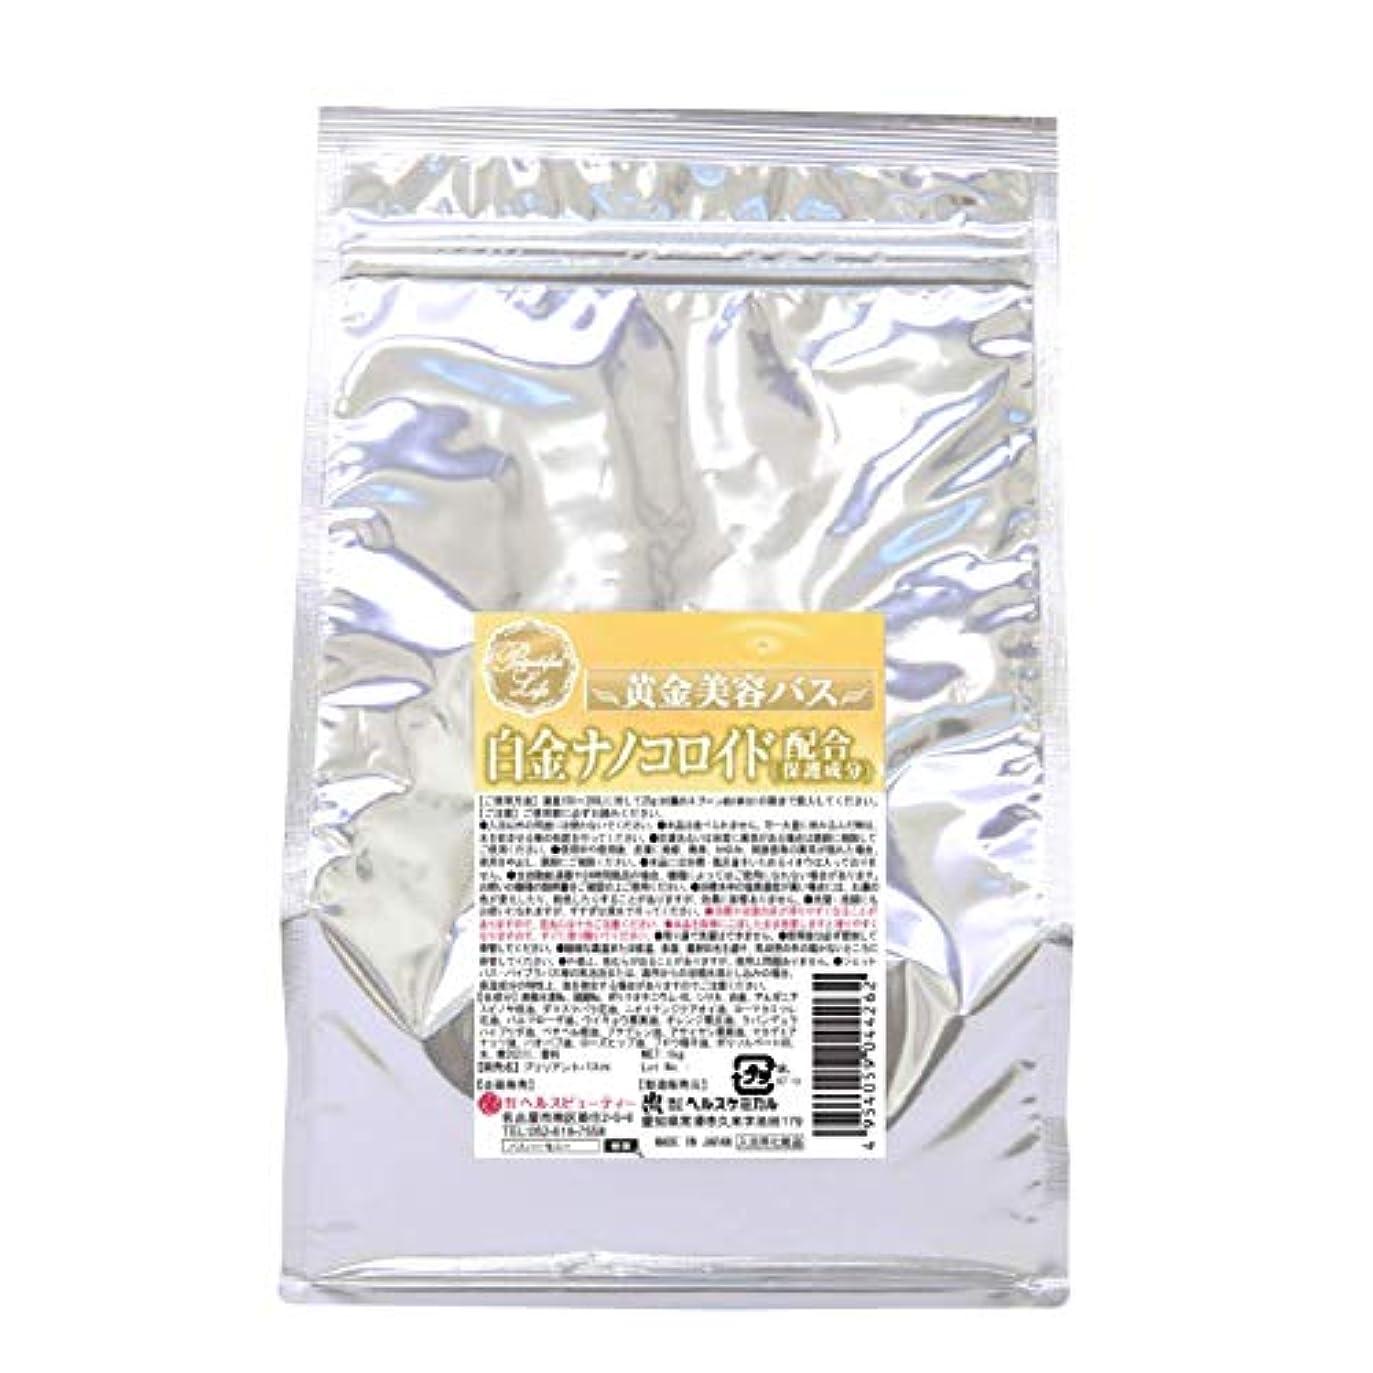 入浴剤 湯匠仕込 白金ナノコロイド配合 1kg 50回分 お徳用